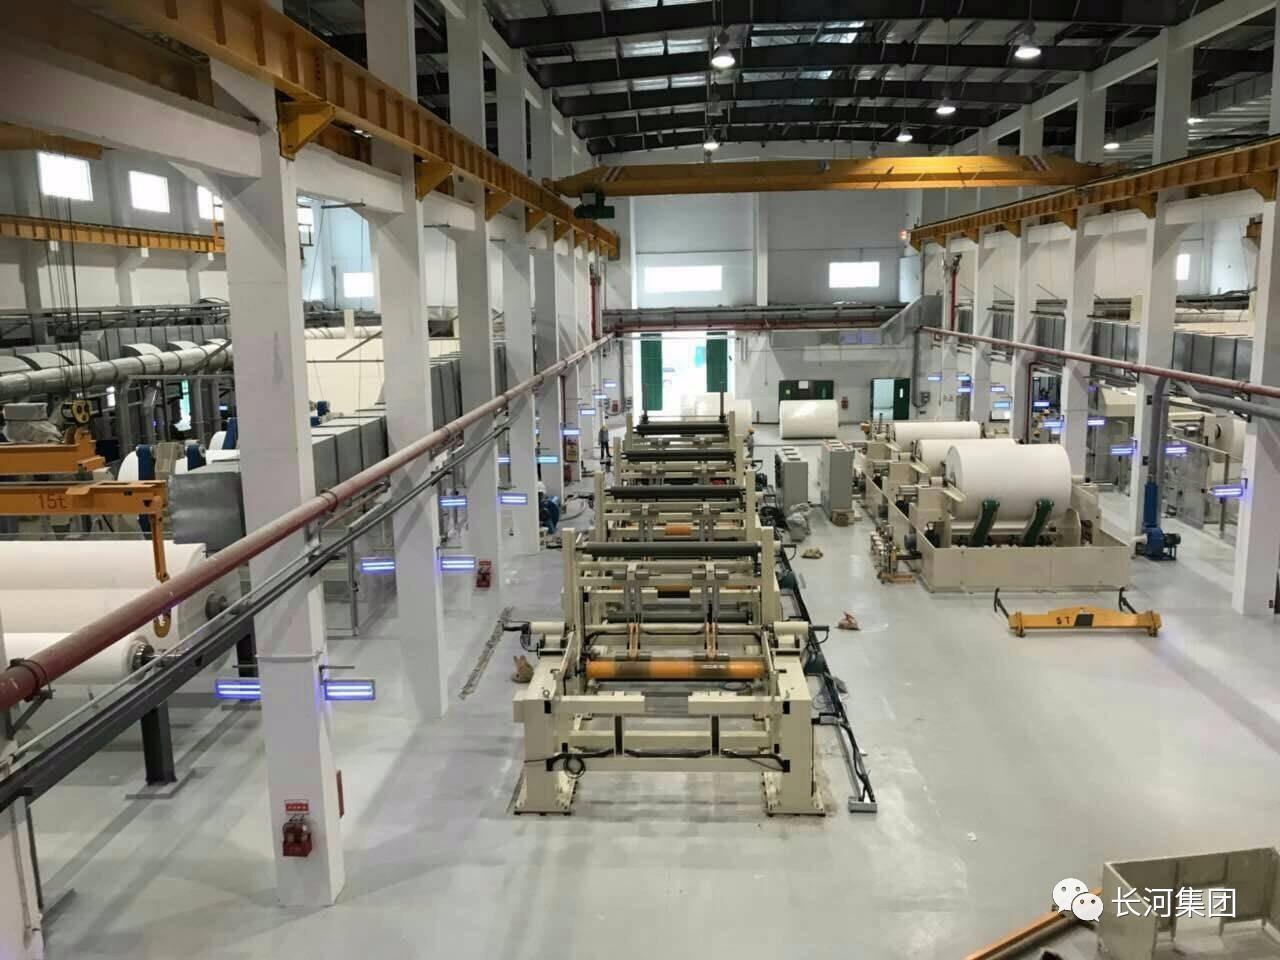 行业小知识|工厂,生产车间地面为什么需要地坪漆?图片